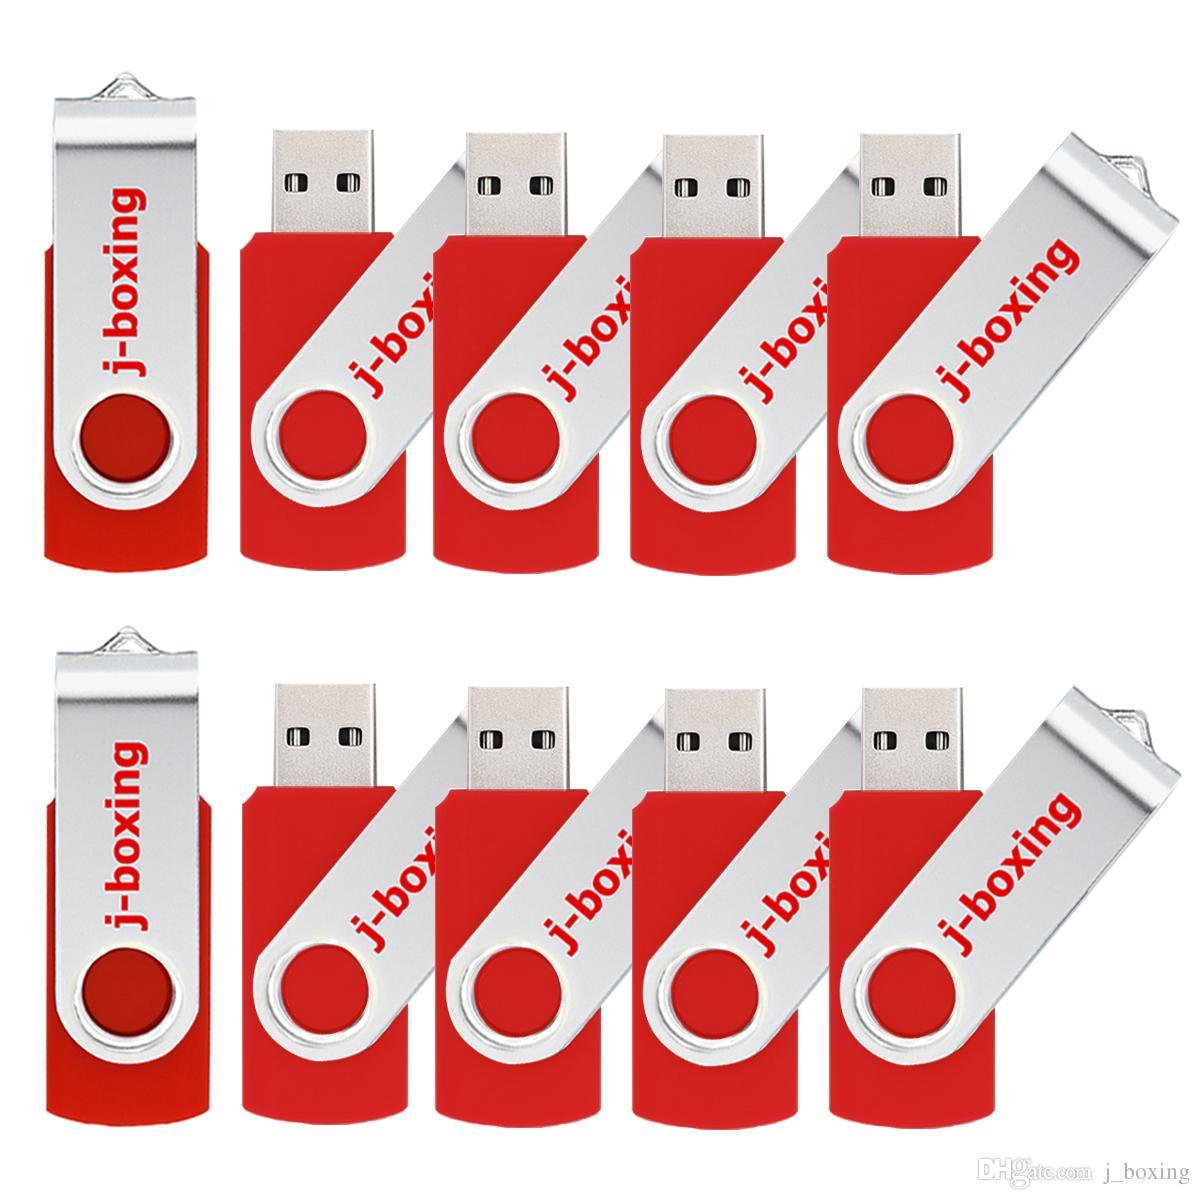 Bulk 8GB USB Flash Drive Swivel Thumb Pendrives USB 2.0 8gb Memory Sticks Thumb Storage for Computer Laptop Multi Colors